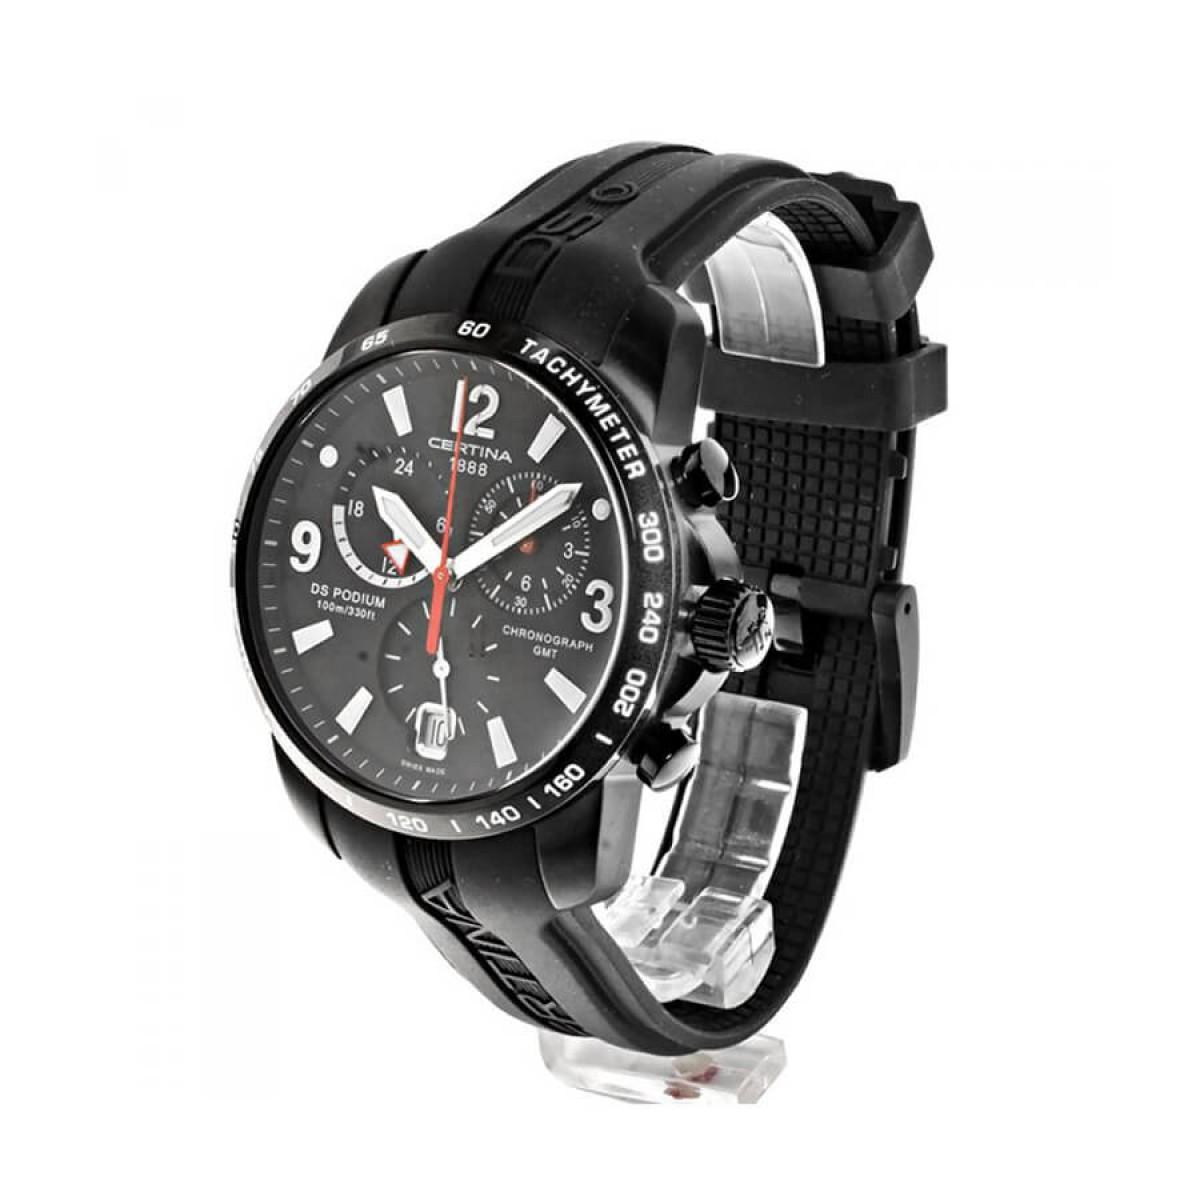 Часовник Certina C001.639.27.057.00